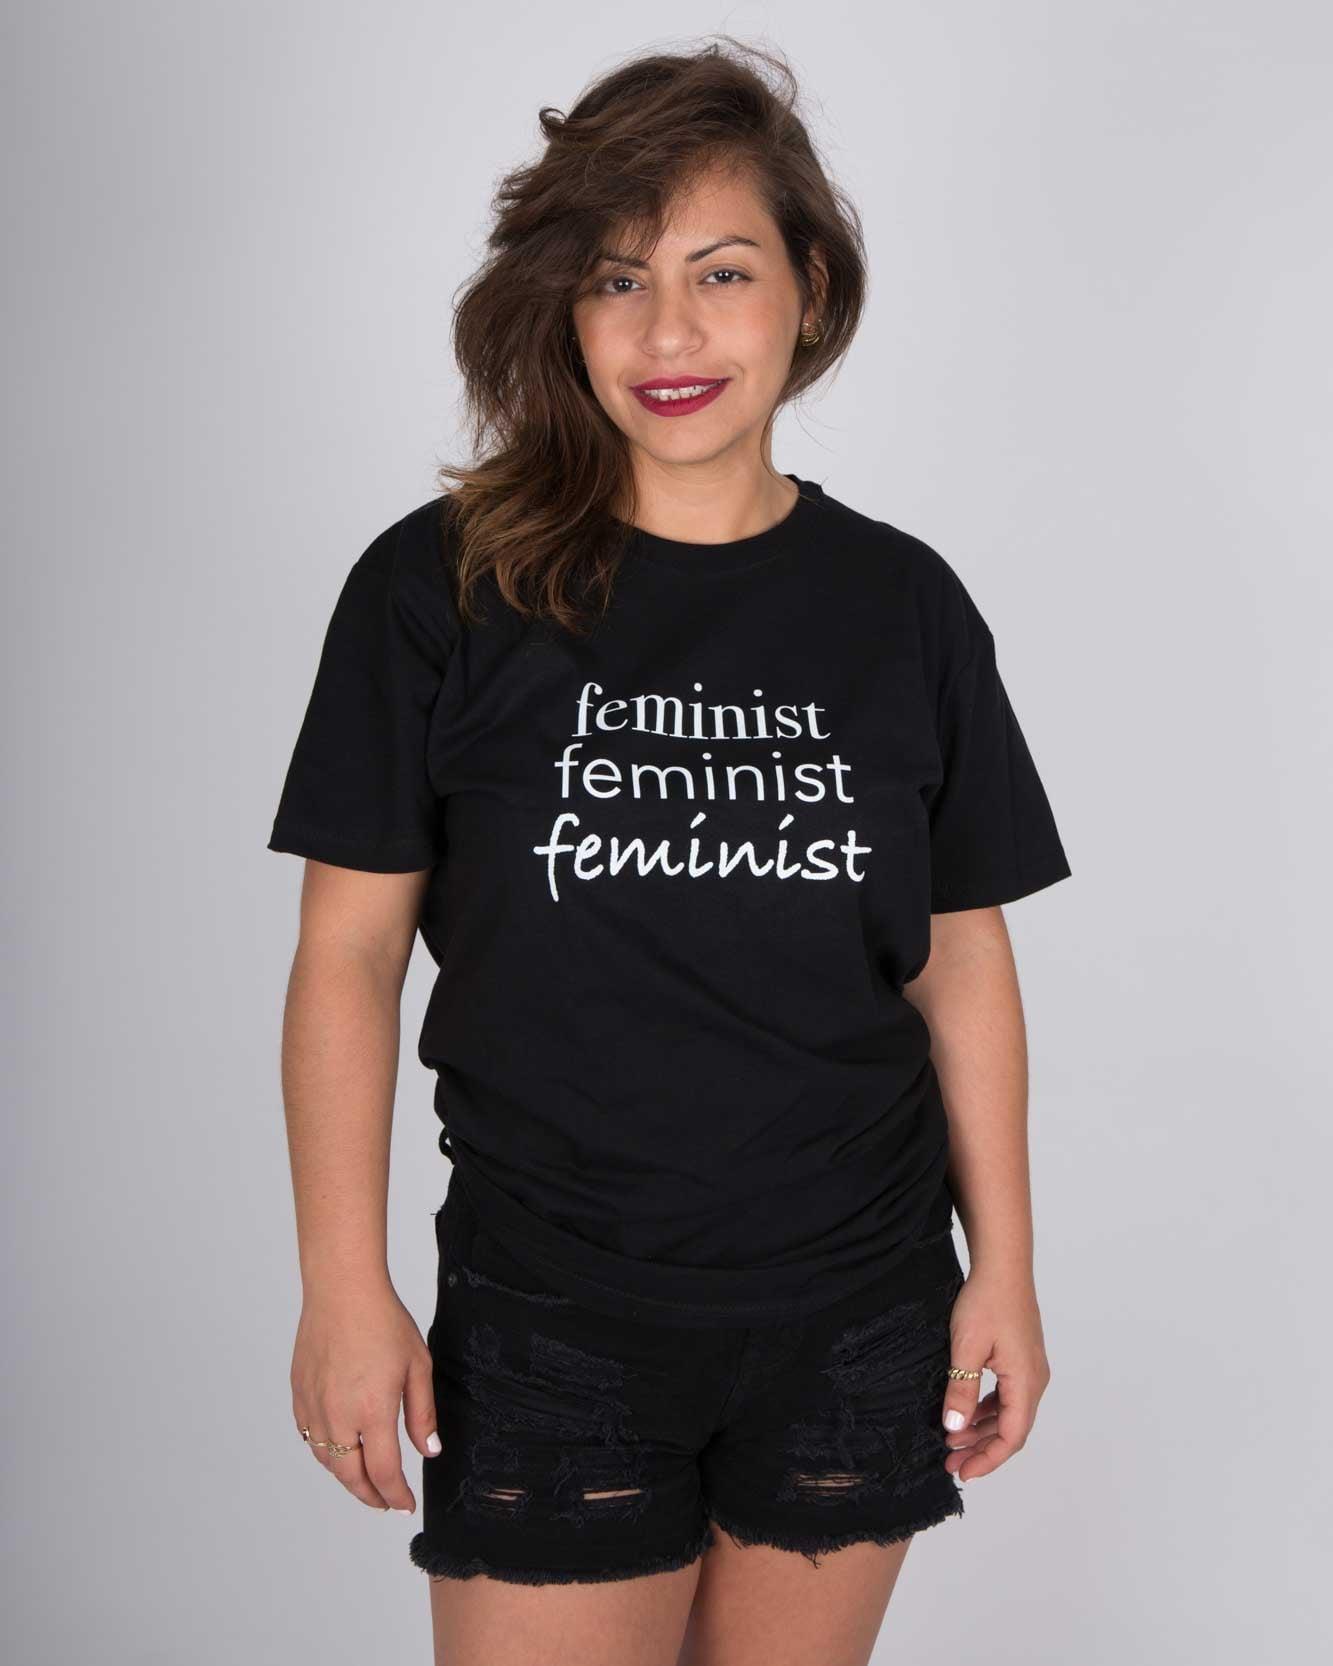 חולצת טי שירט יוניסקס  Feminist